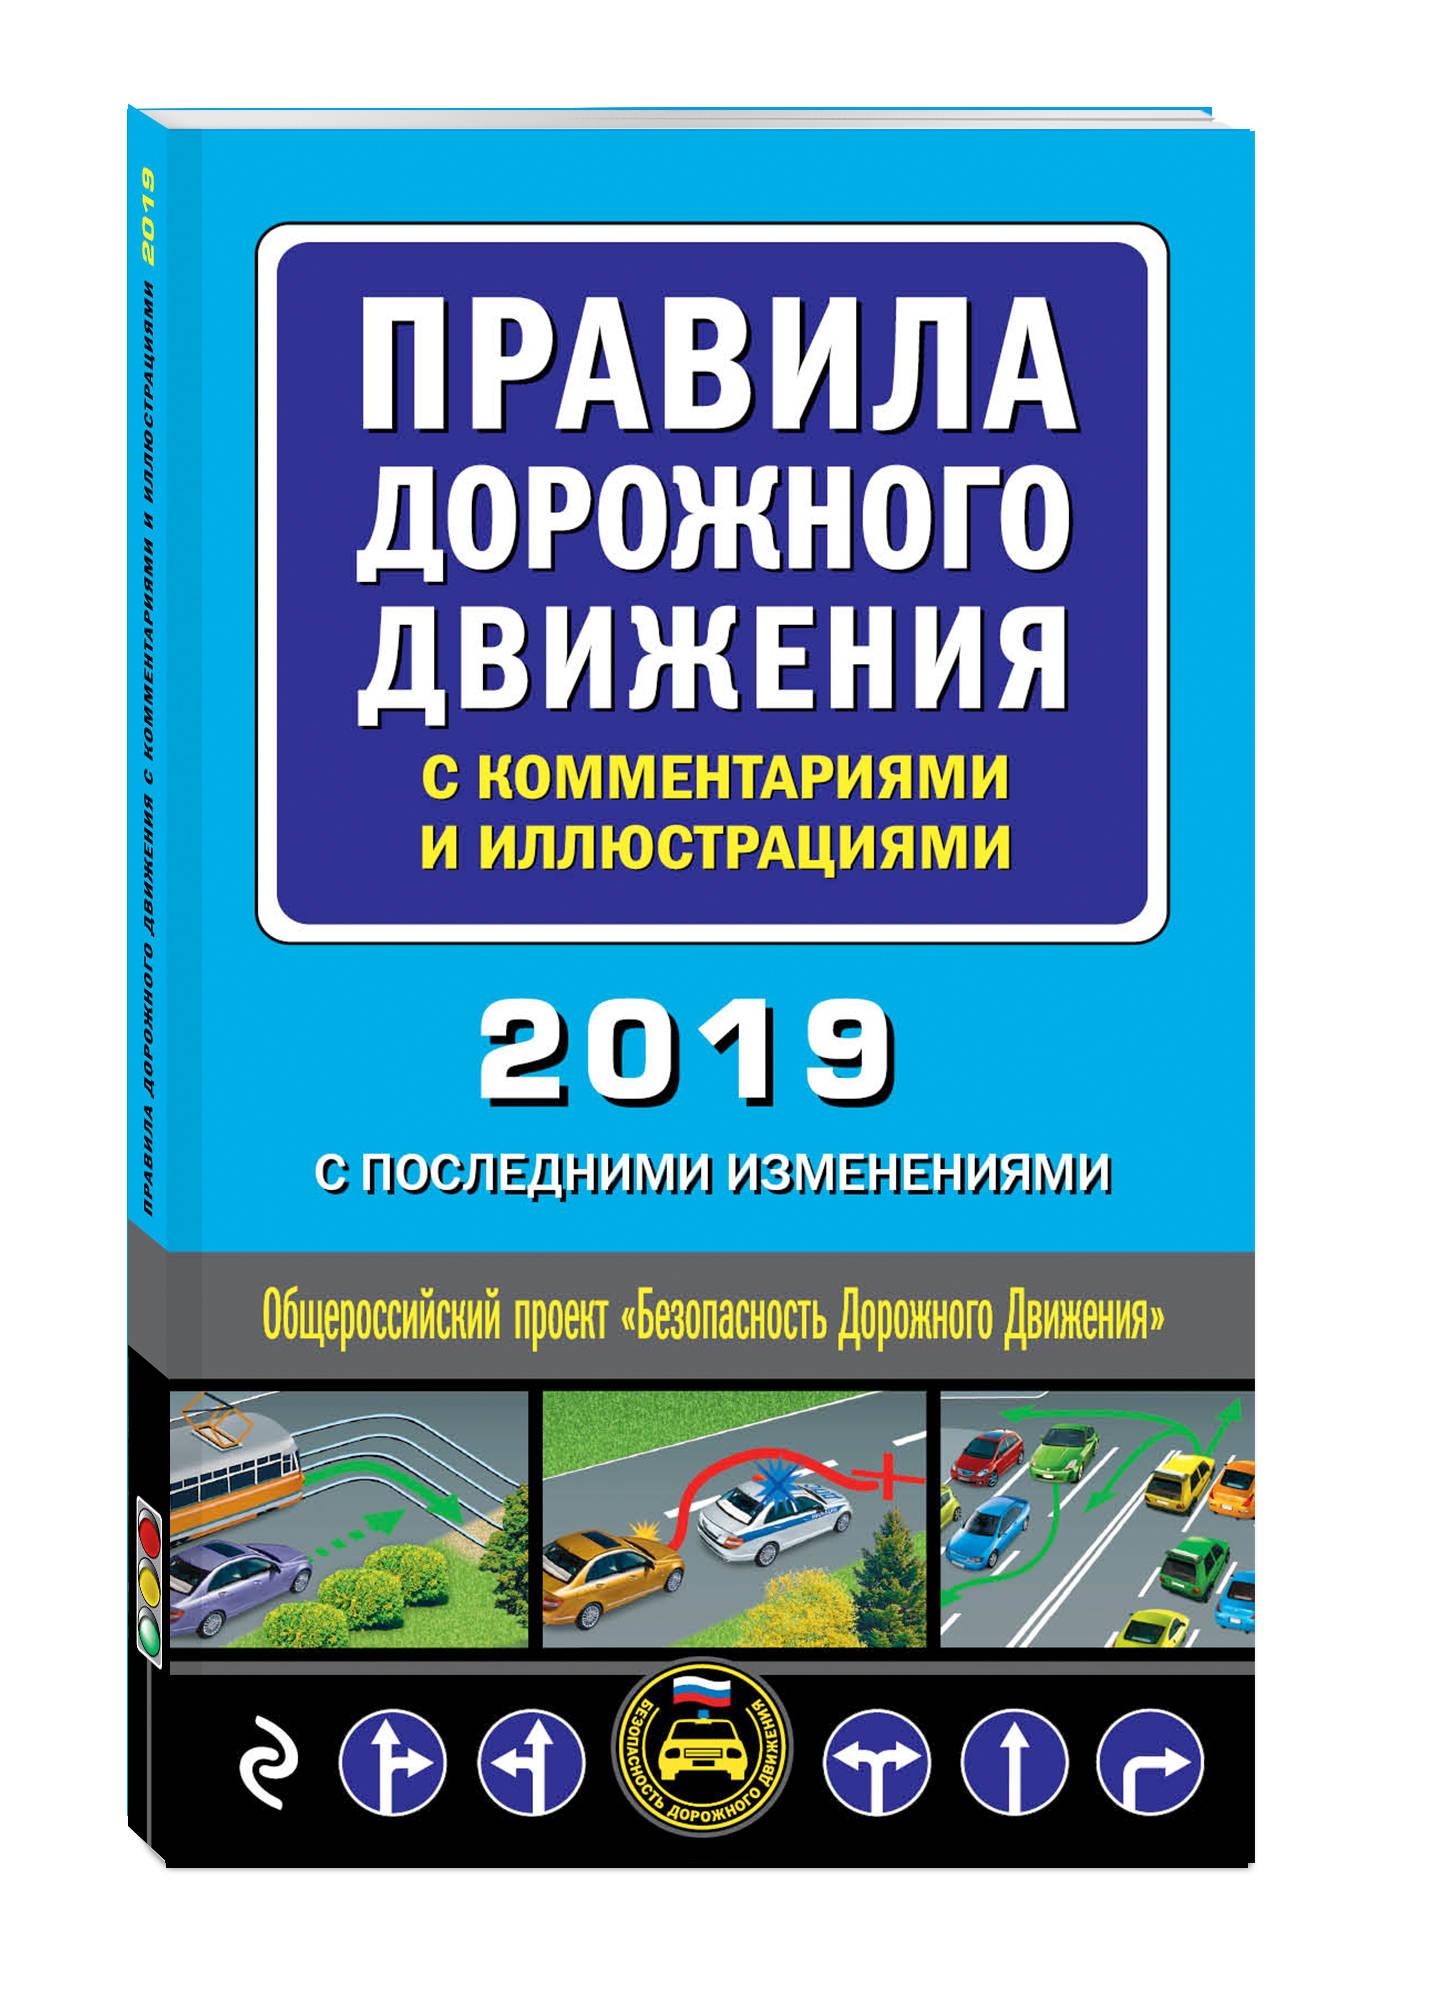 Правила дорожного движения с комментариями и иллюстрациями (с последними изменениями на 2019 г.) правила дорожного движения с комментариями и иллюстрациями с последними изменениями 2016 г